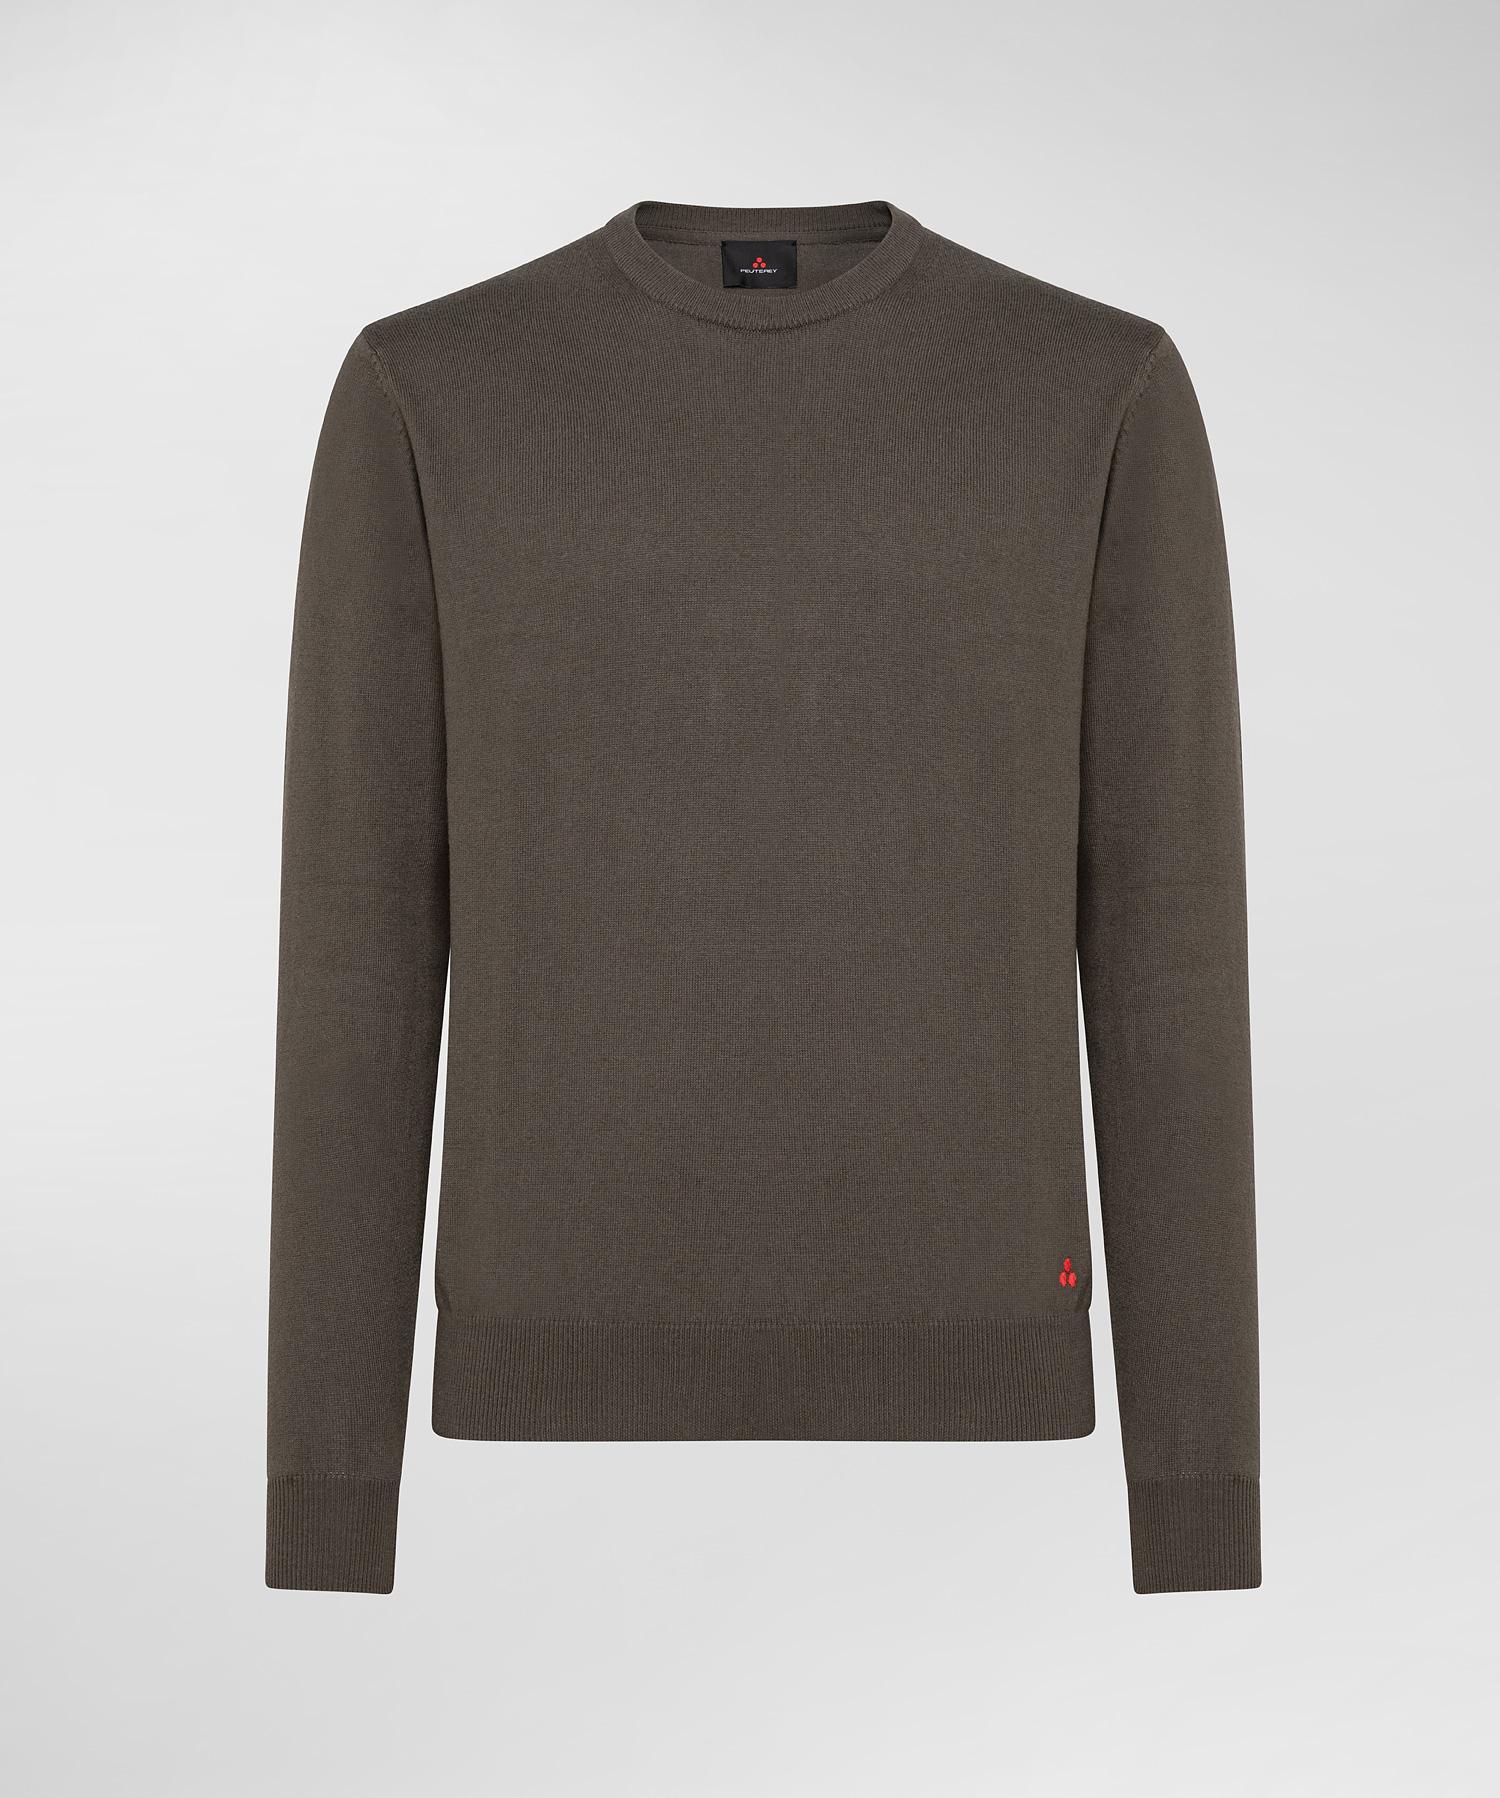 Shirt Peuterey PEUTEREY | 1 | PEU363899011919690